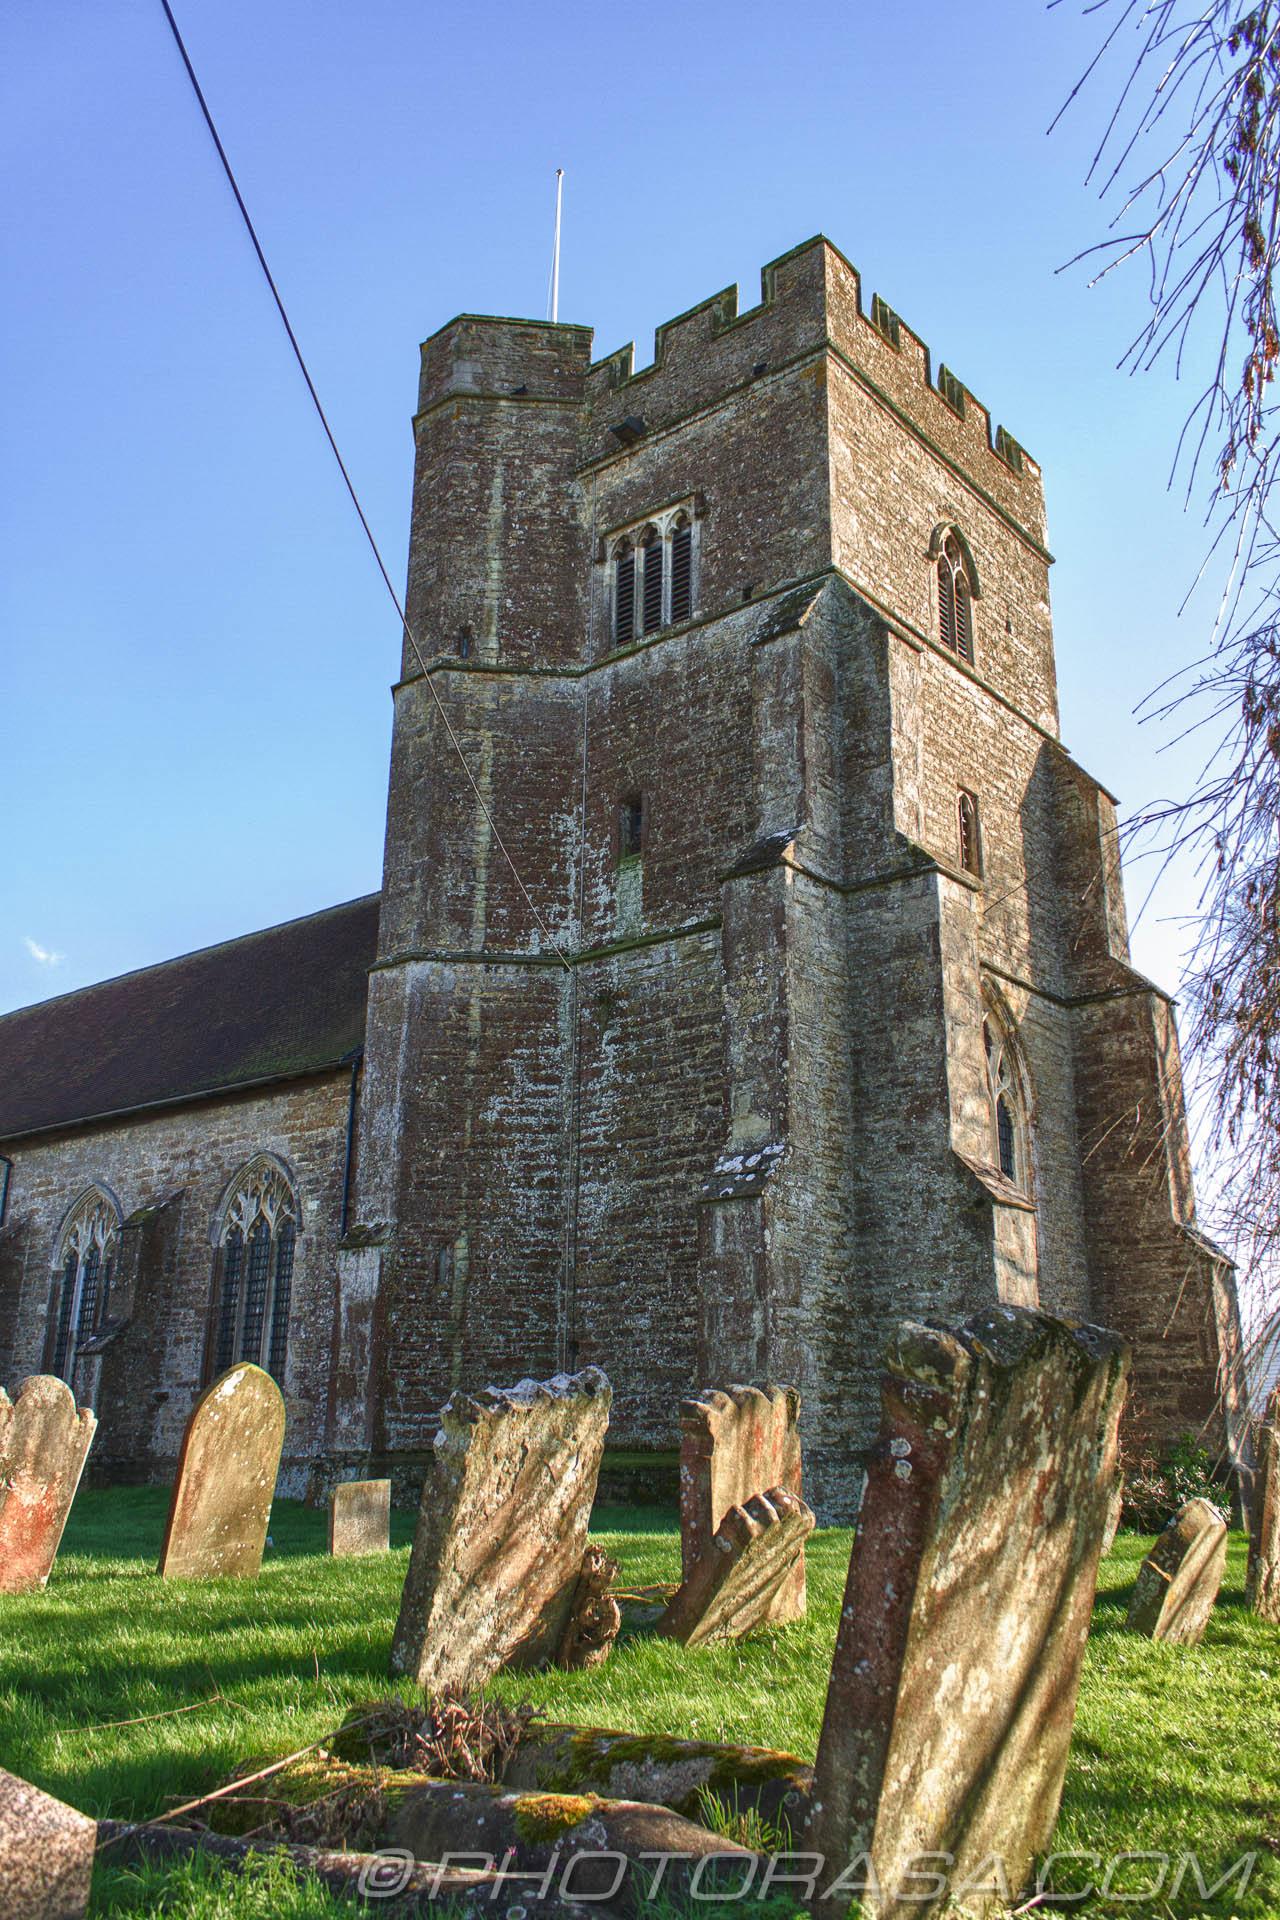 http://photorasa.com/parish-church-st-peter-st-paul-headcorn/rear-view/